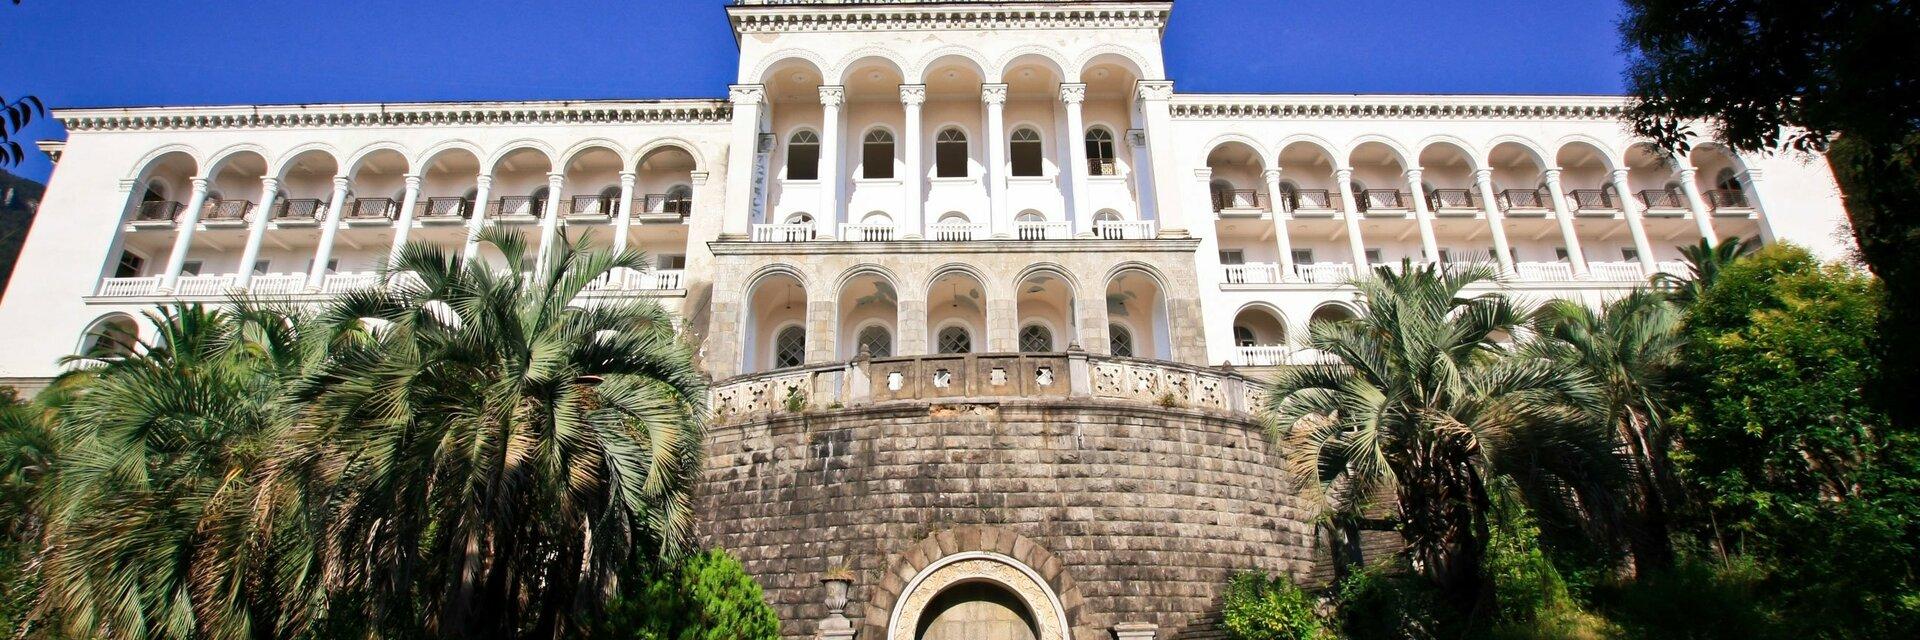 Поиск отелей в Гагре